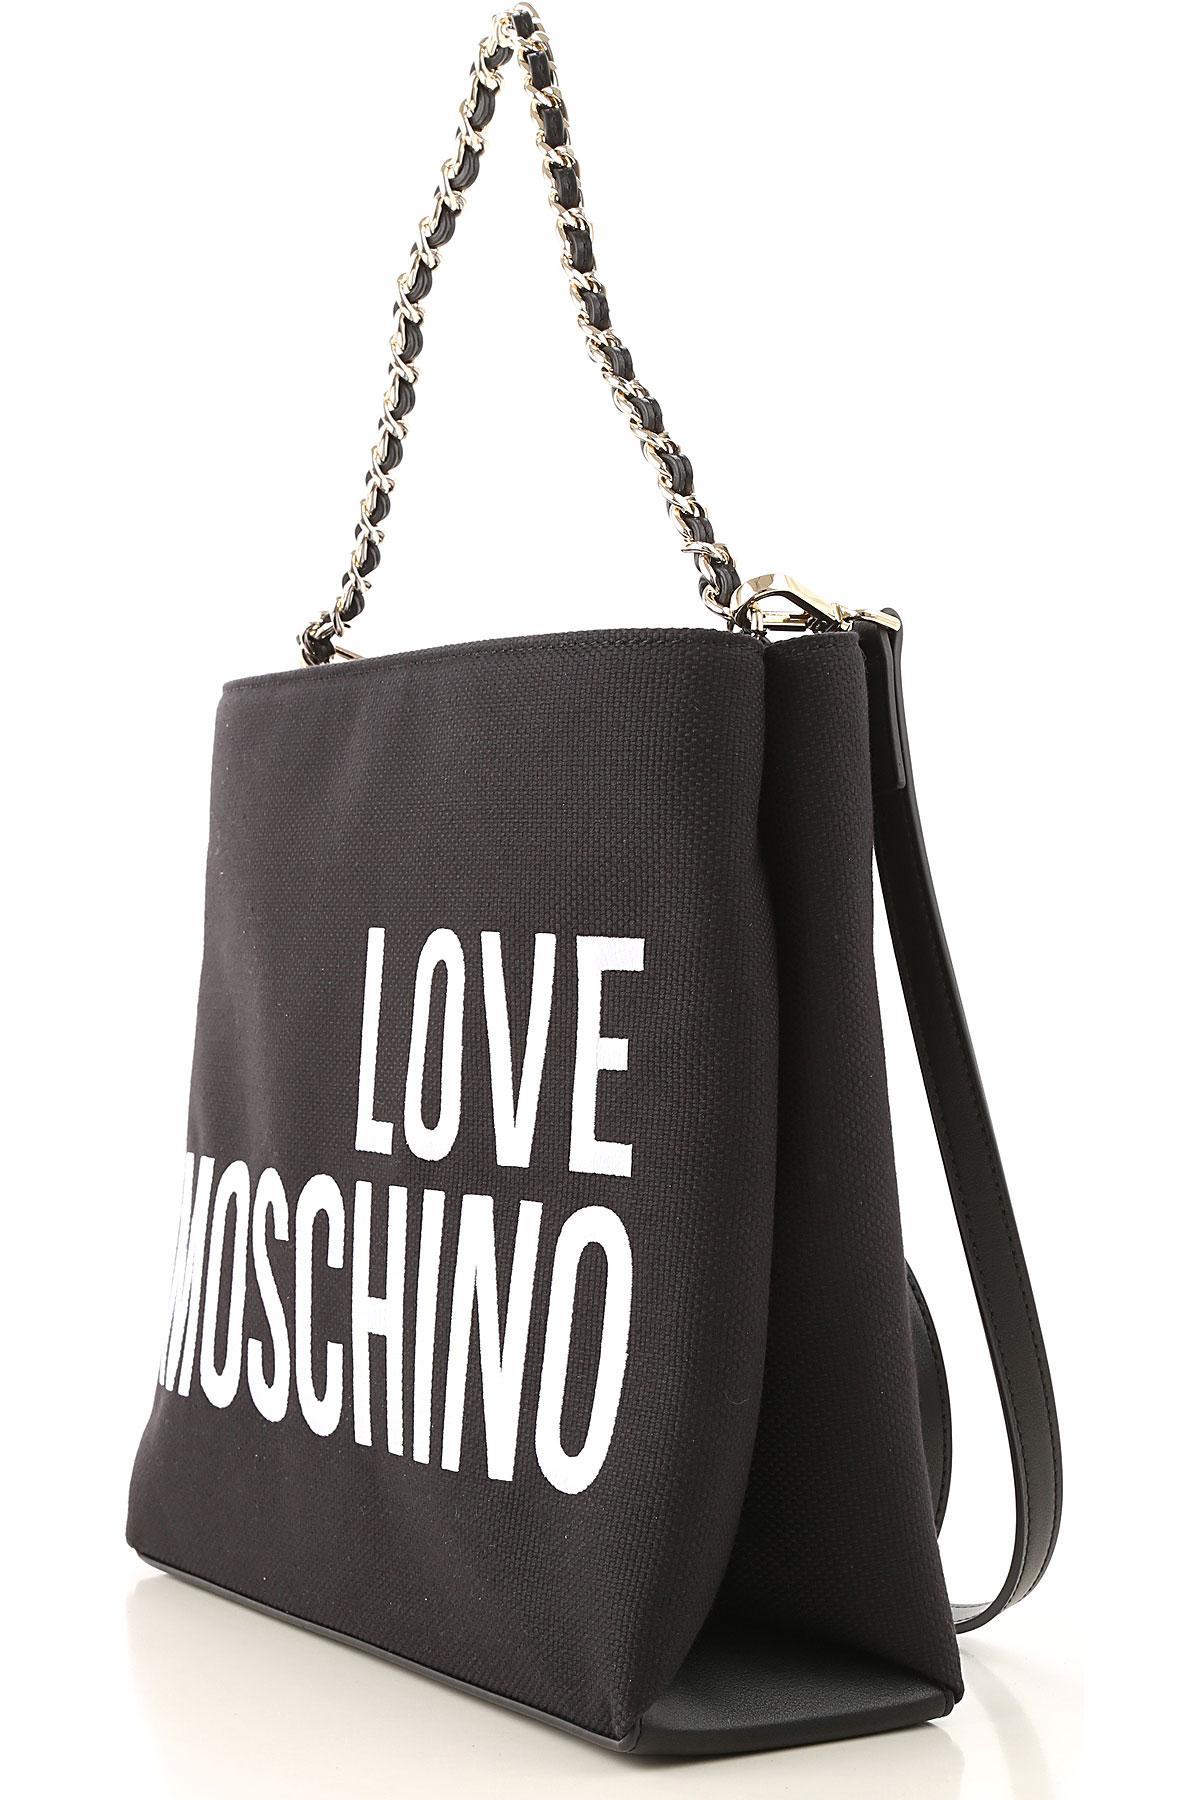 Moschino Handbags in Black - Lyst 6ab070743f162